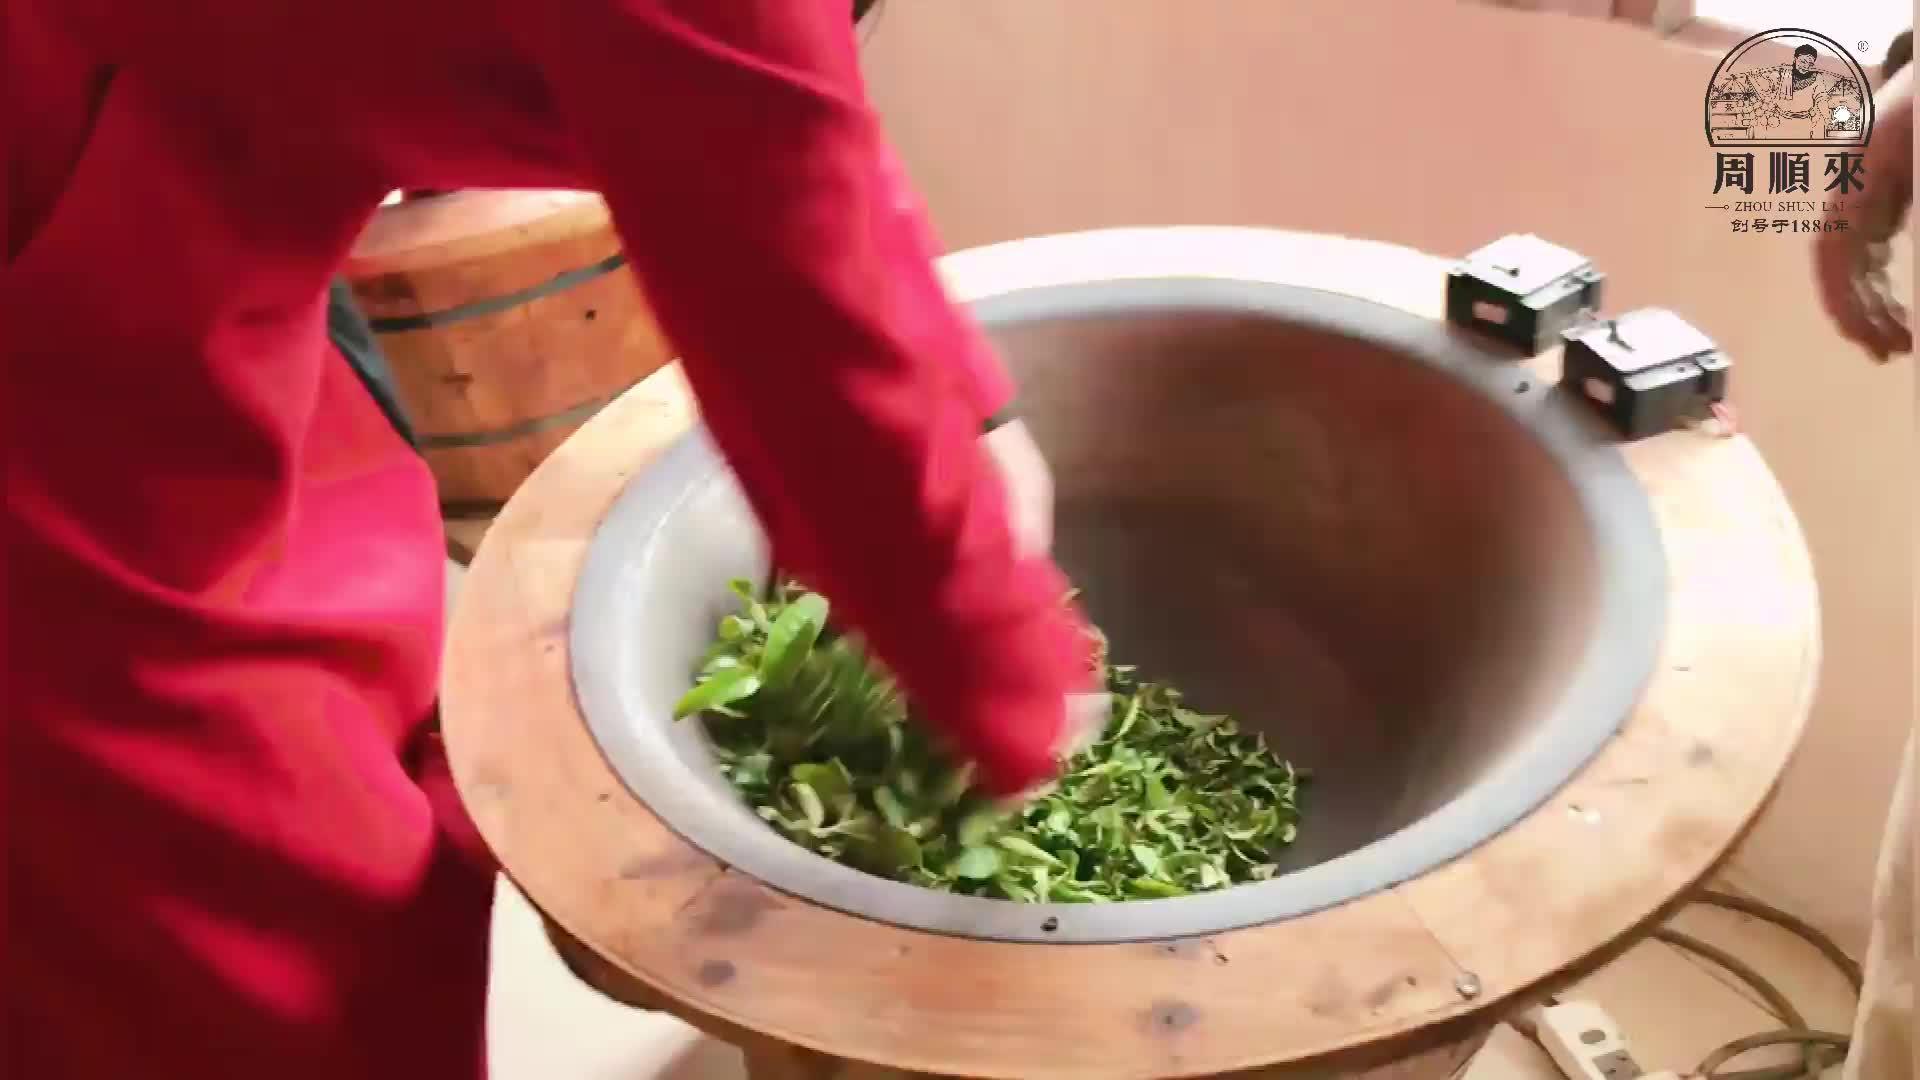 ZSL-HA-006M rafine üstün sağlıklı içecek kokulu Pekoe yasemin çayı